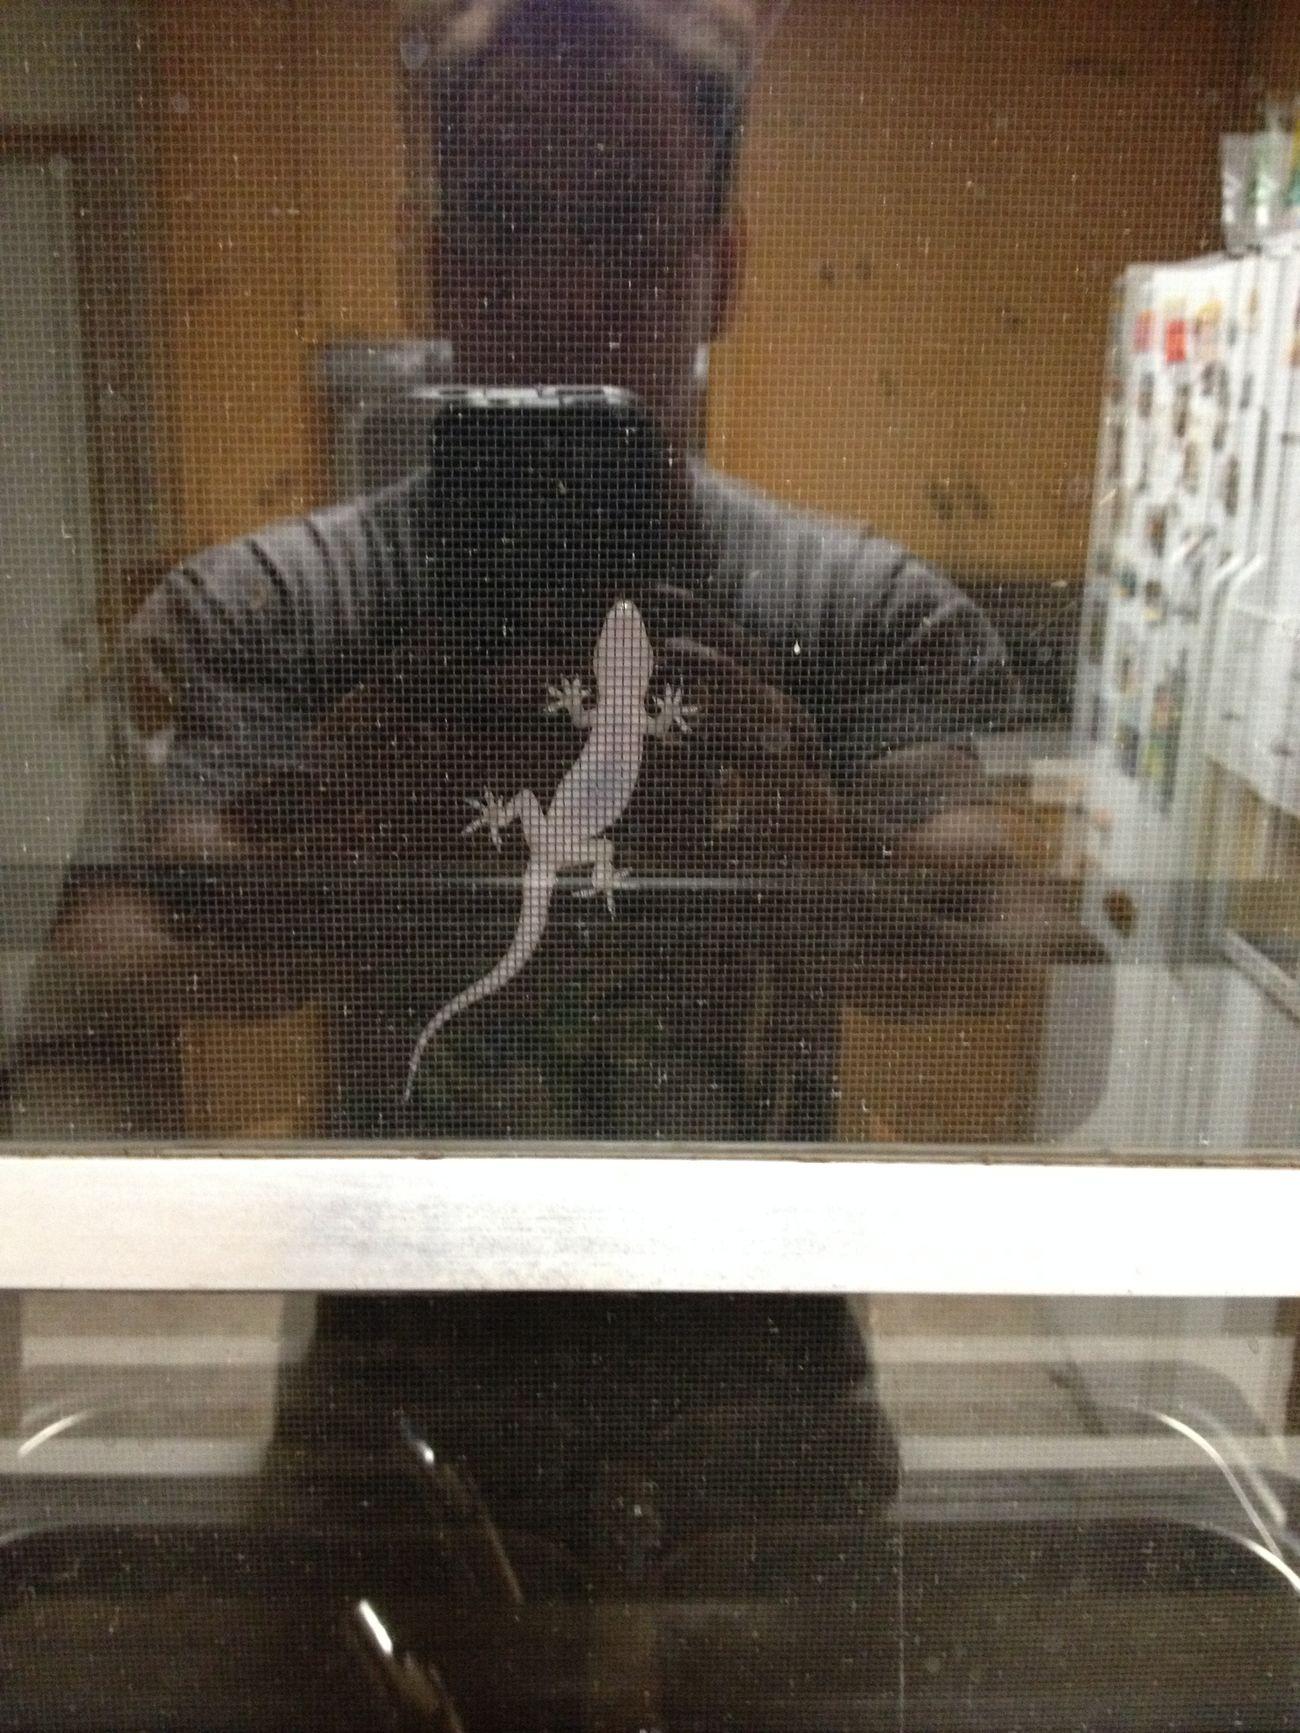 Underside of a large lizard